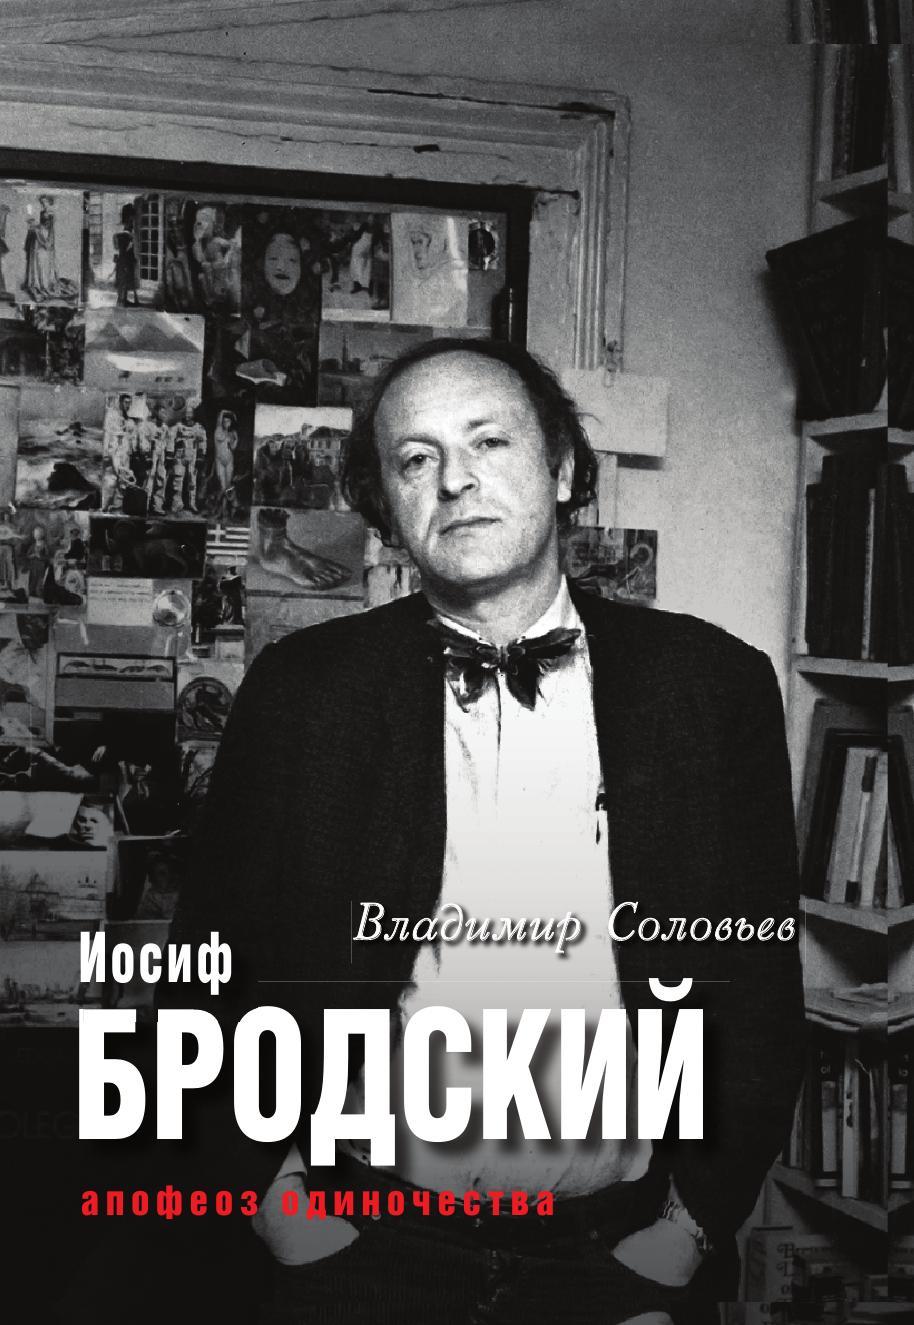 Владимир Соловьев Иосиф Бродский